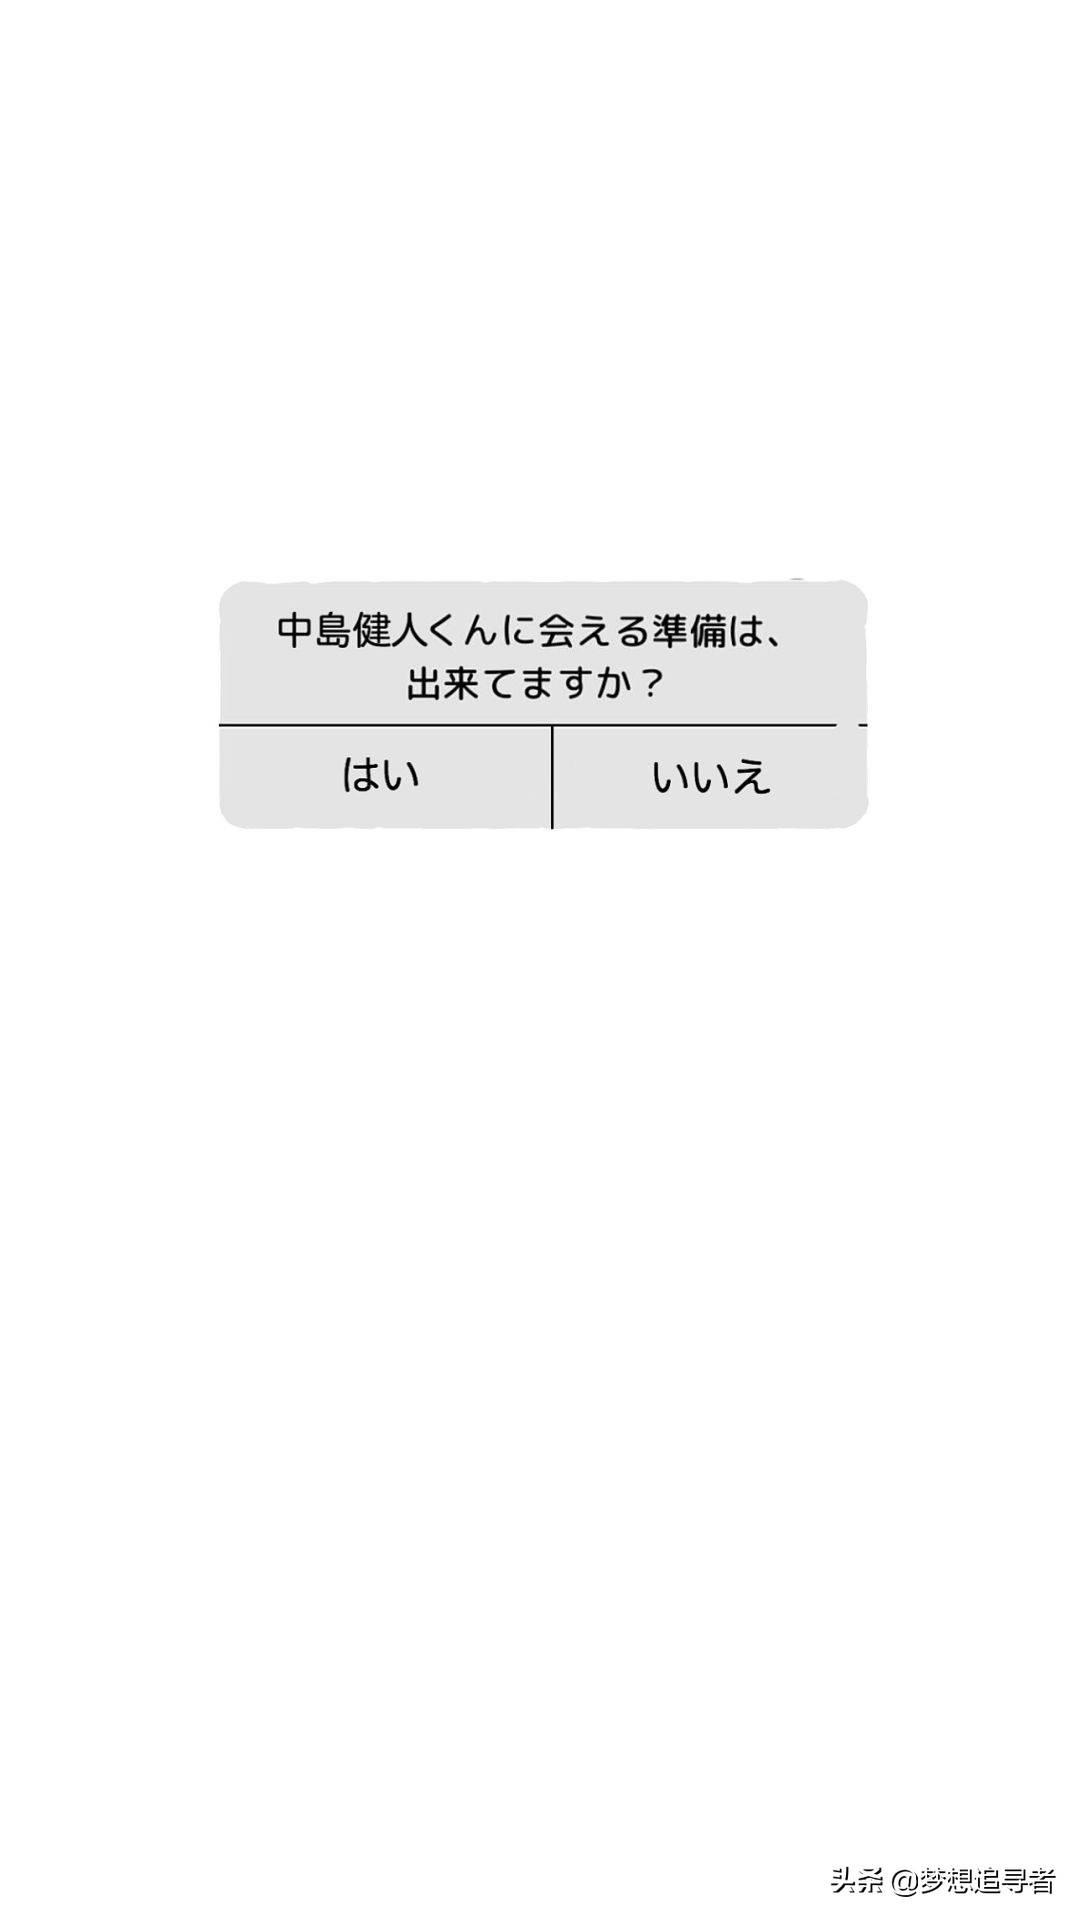 白色底图纯白图片(纯白背景图片素材大全) 网络快讯 第5张